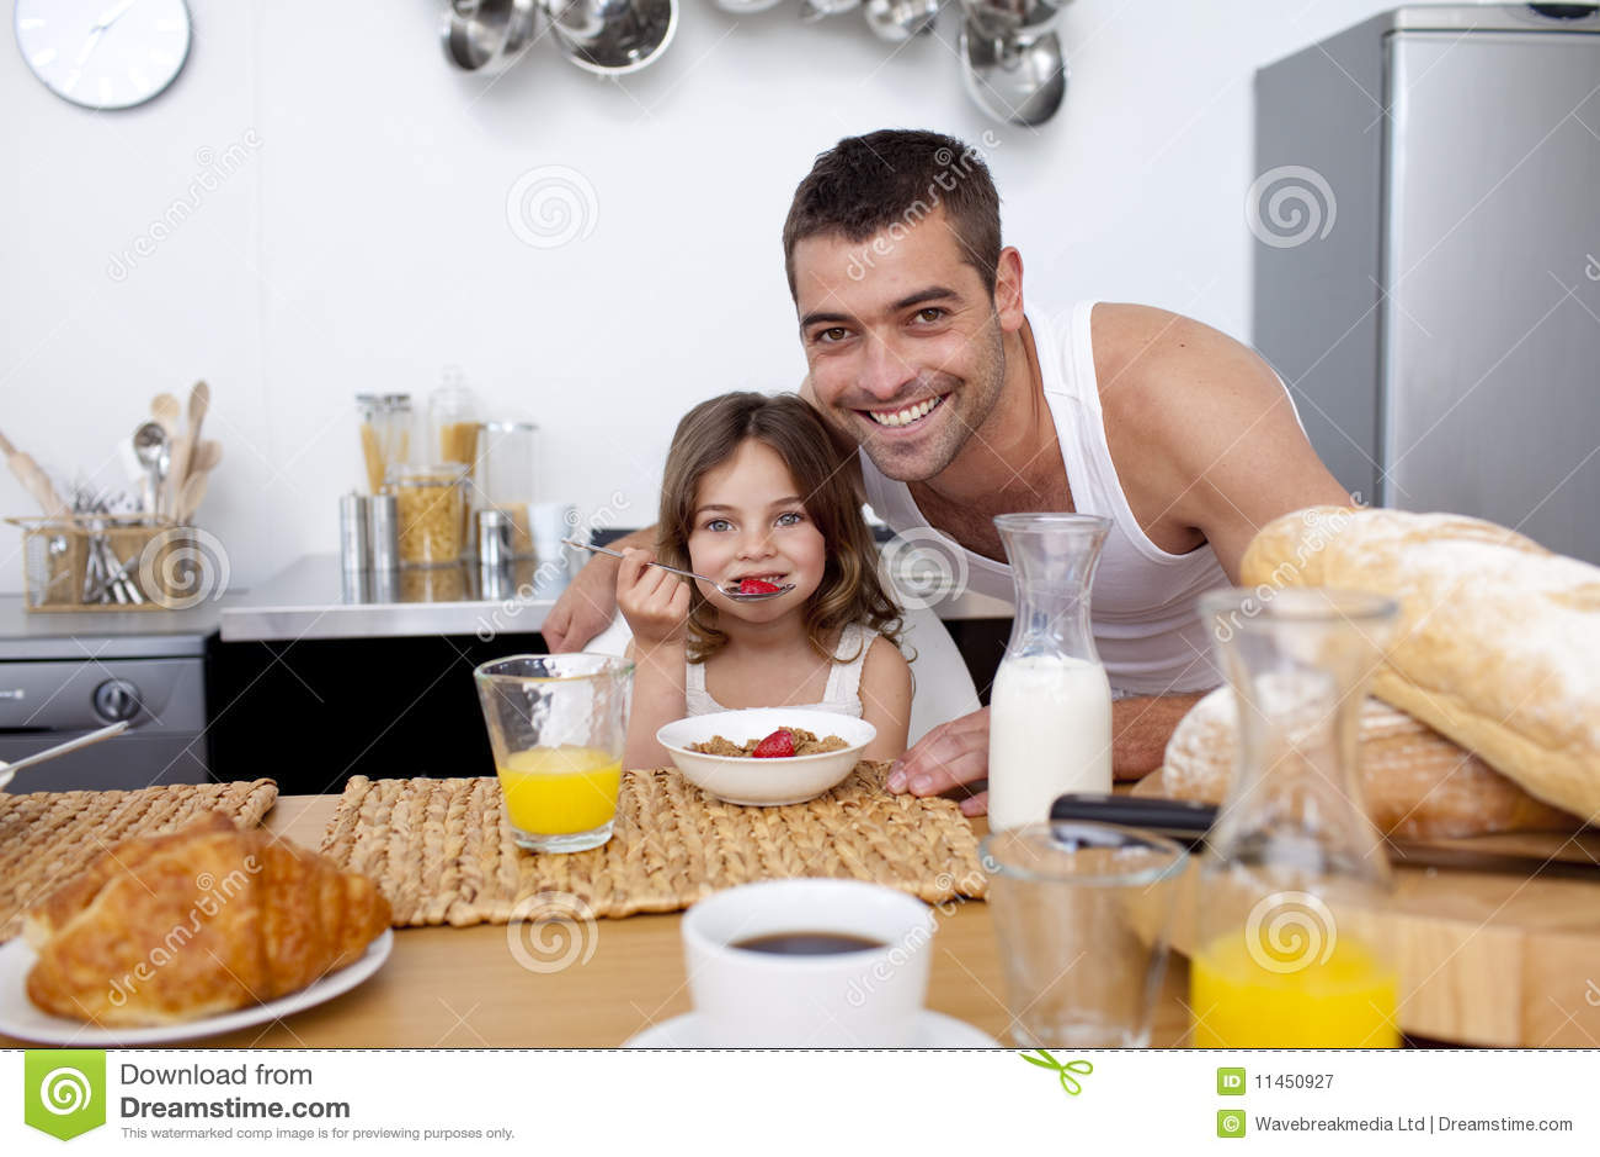 Трахнул сестру в кухне ей понравилось, Трахнул сестру на кухне -видео. Смотреть трахнул 20 фотография